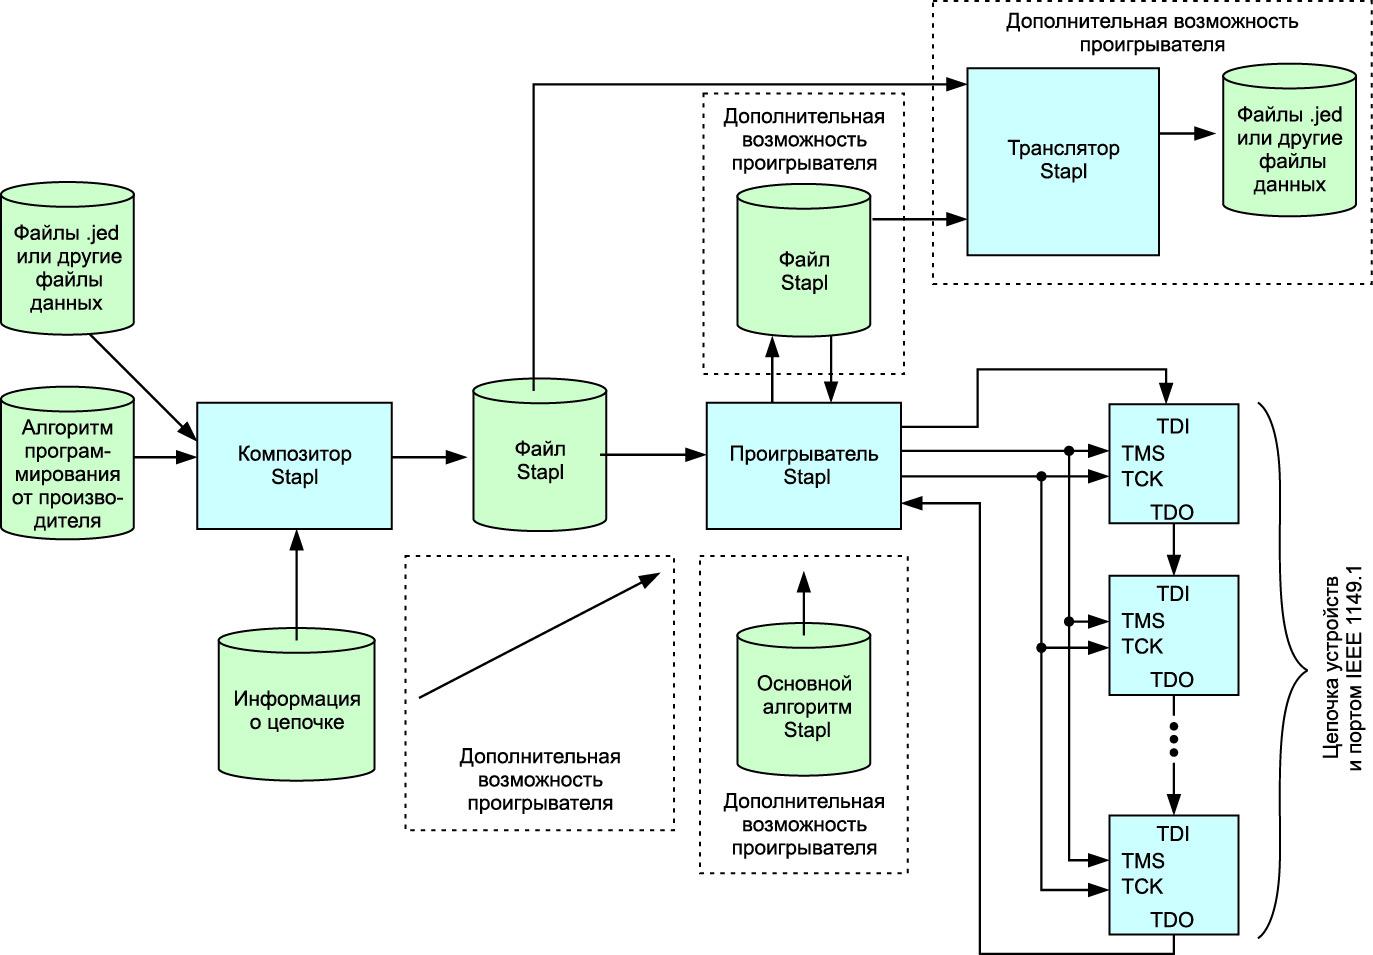 Блок-схема, показывающая взаимосвязь программ «композитор» и «проигрыватель» и их функции